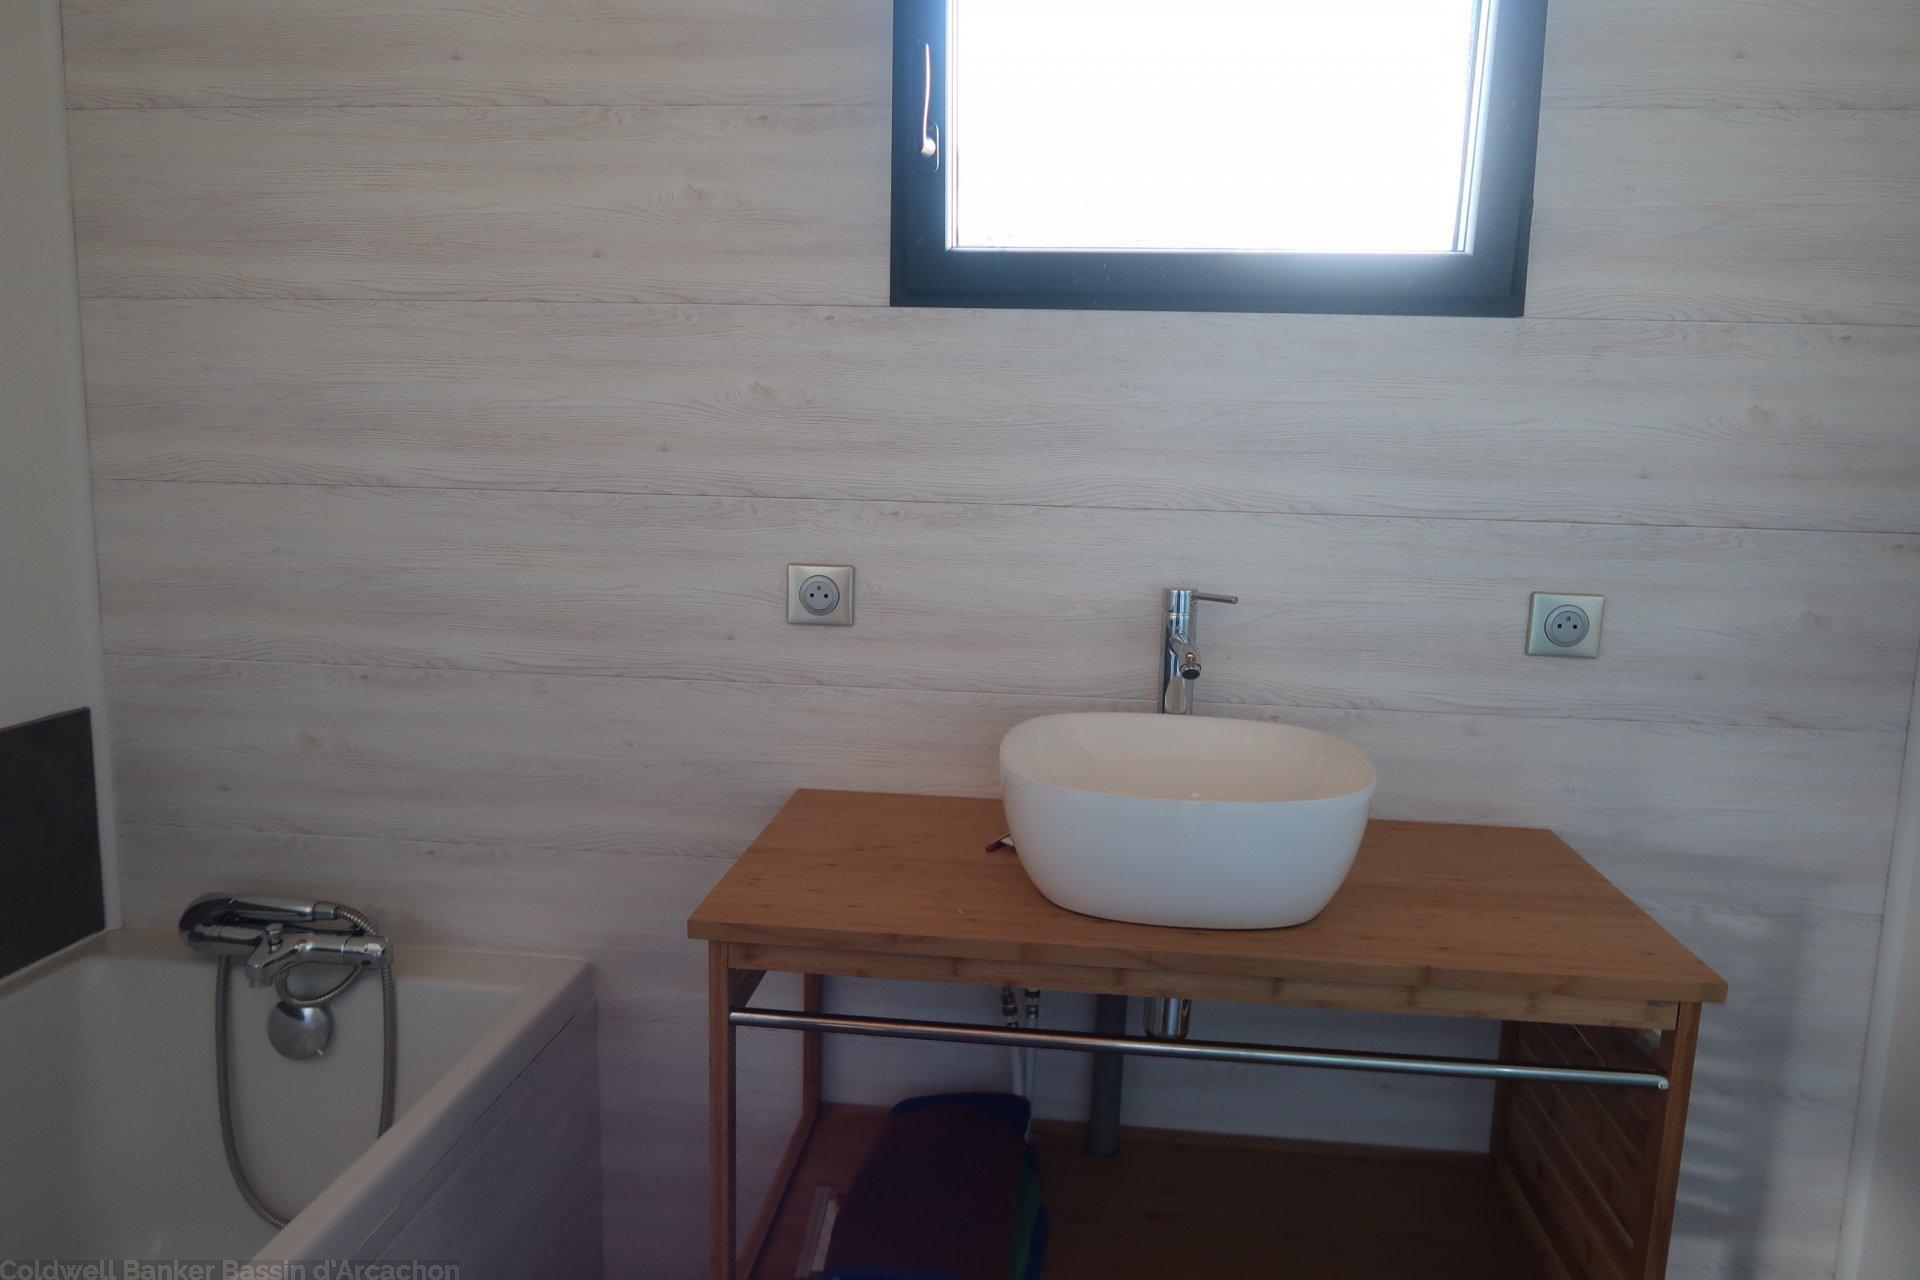 Vente belle maison familiale 5 chambres avec terrain proche bassin d'arcachon salles gironde